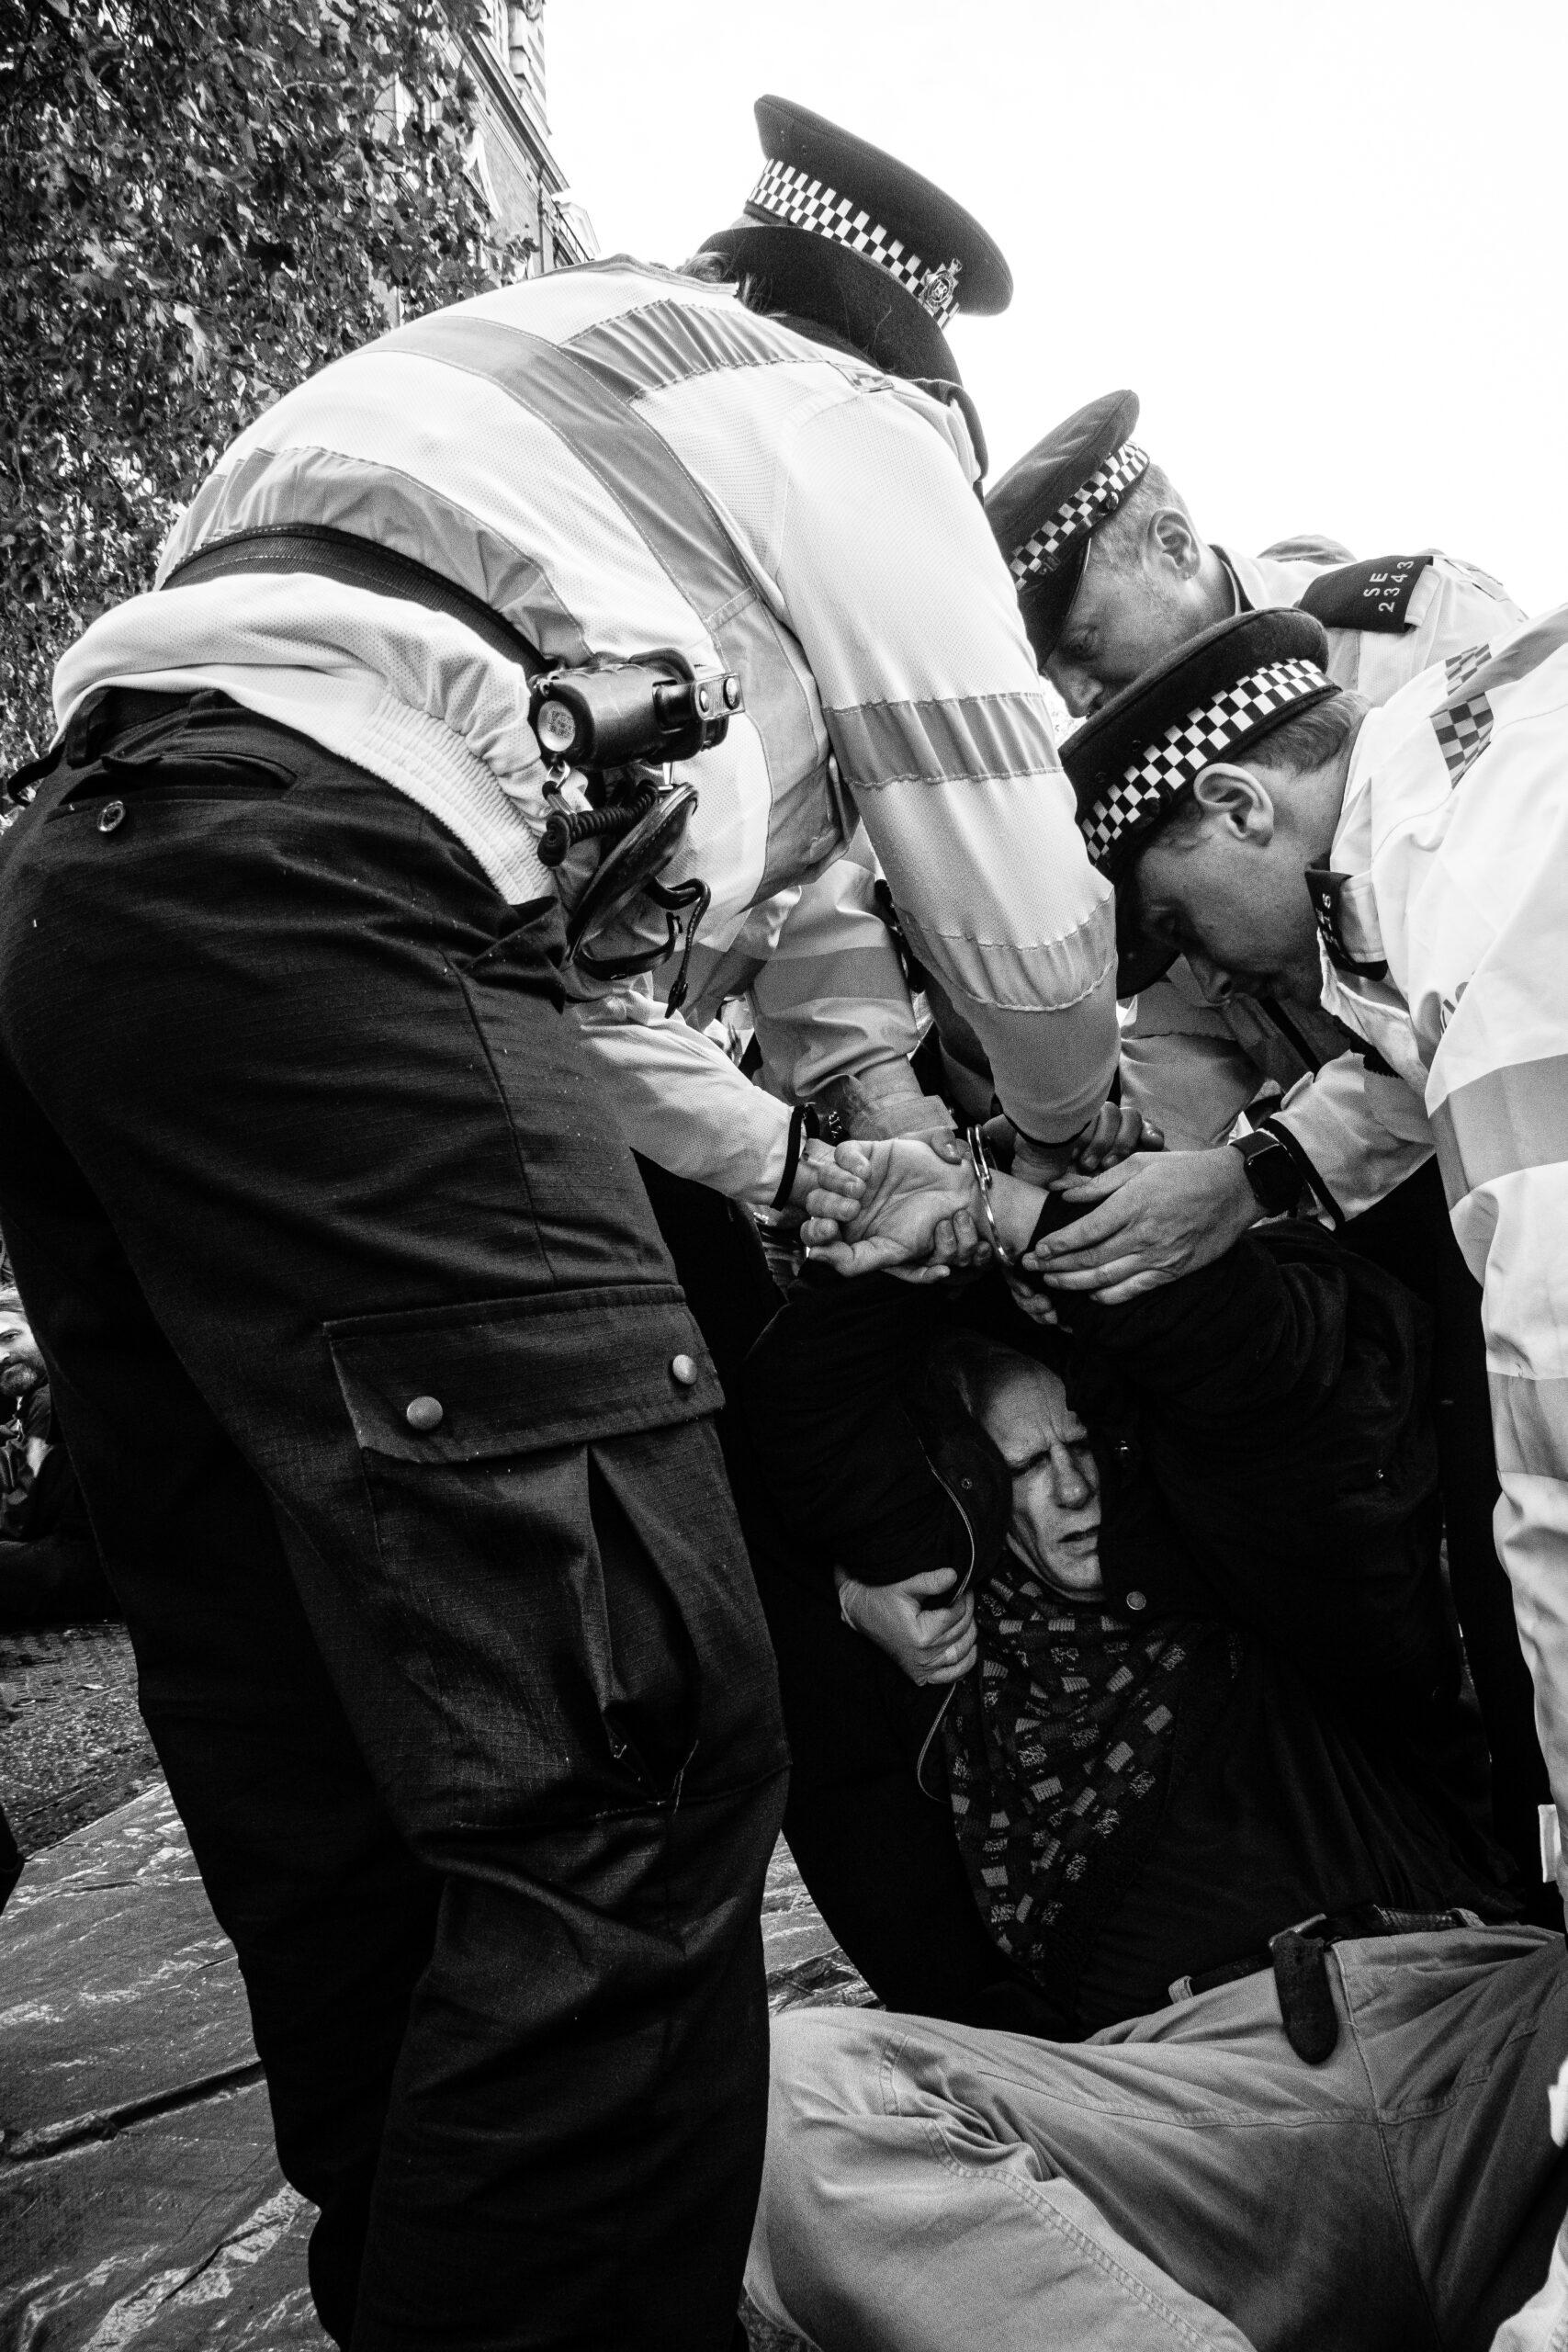 Old man arrested, Extinction Rebellion, London